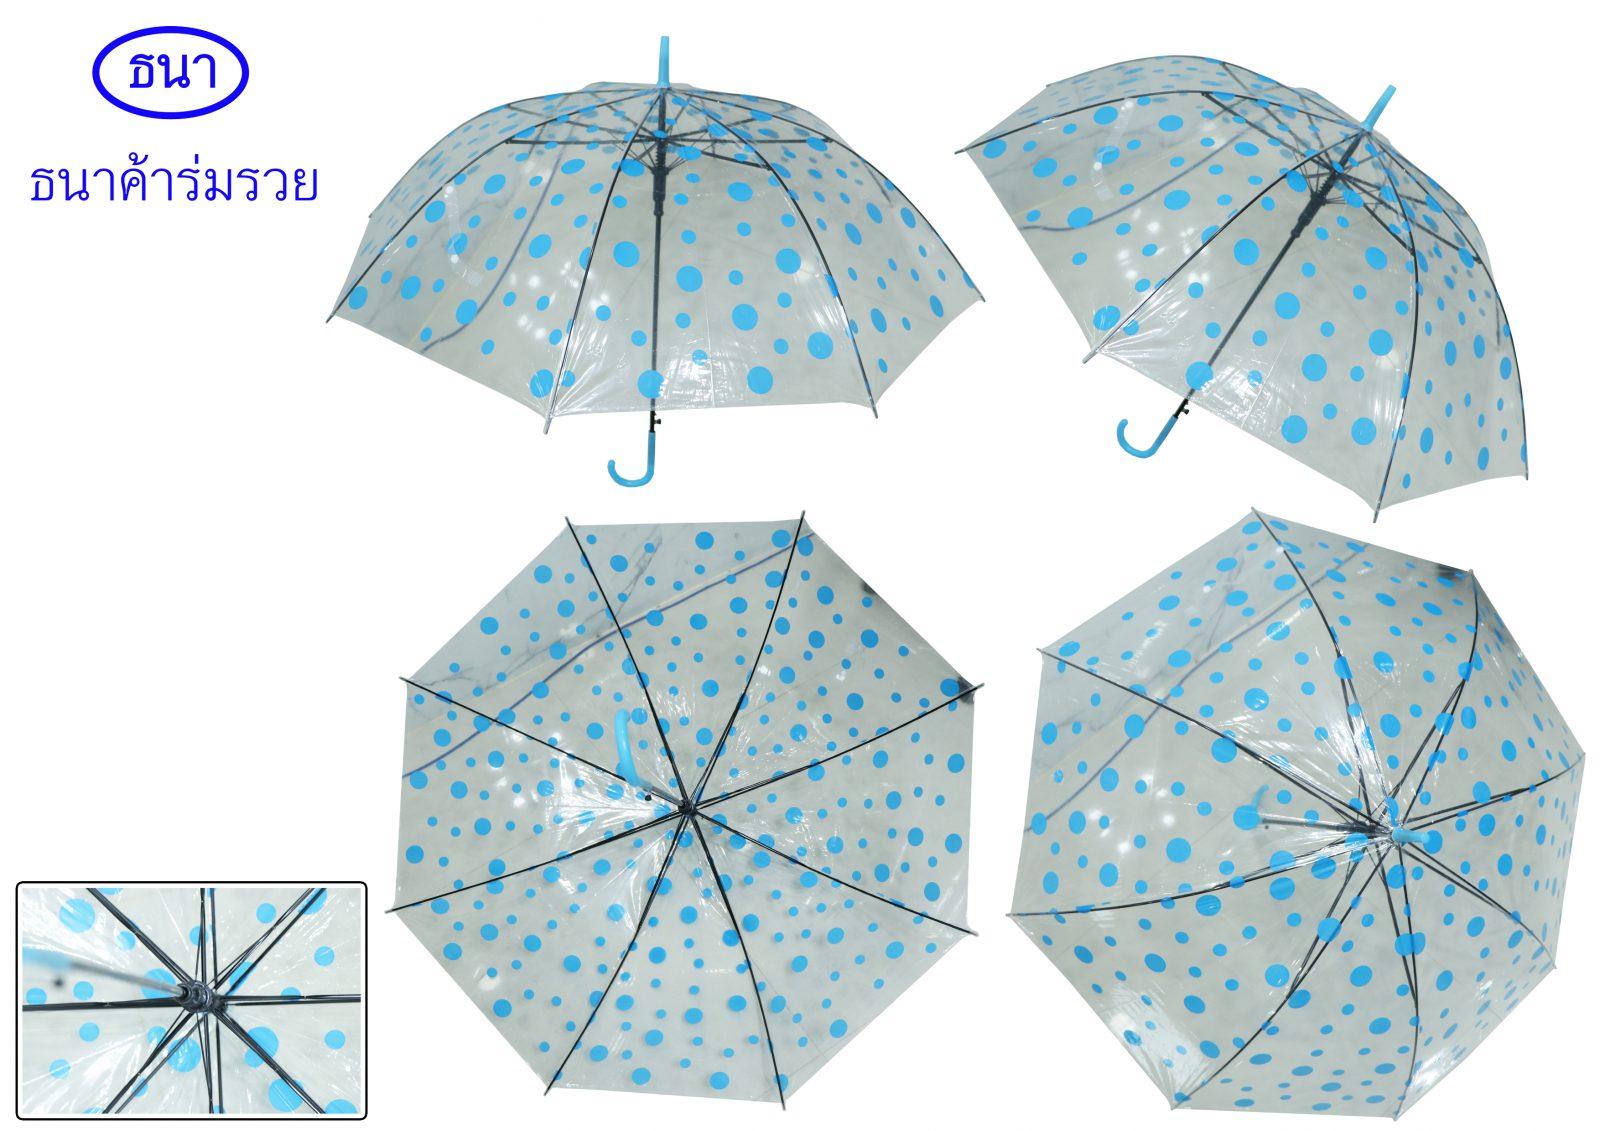 ร่มใสจากญี่ปุ่นมีความโดดเด่นจากร่มปกติอย่างไร